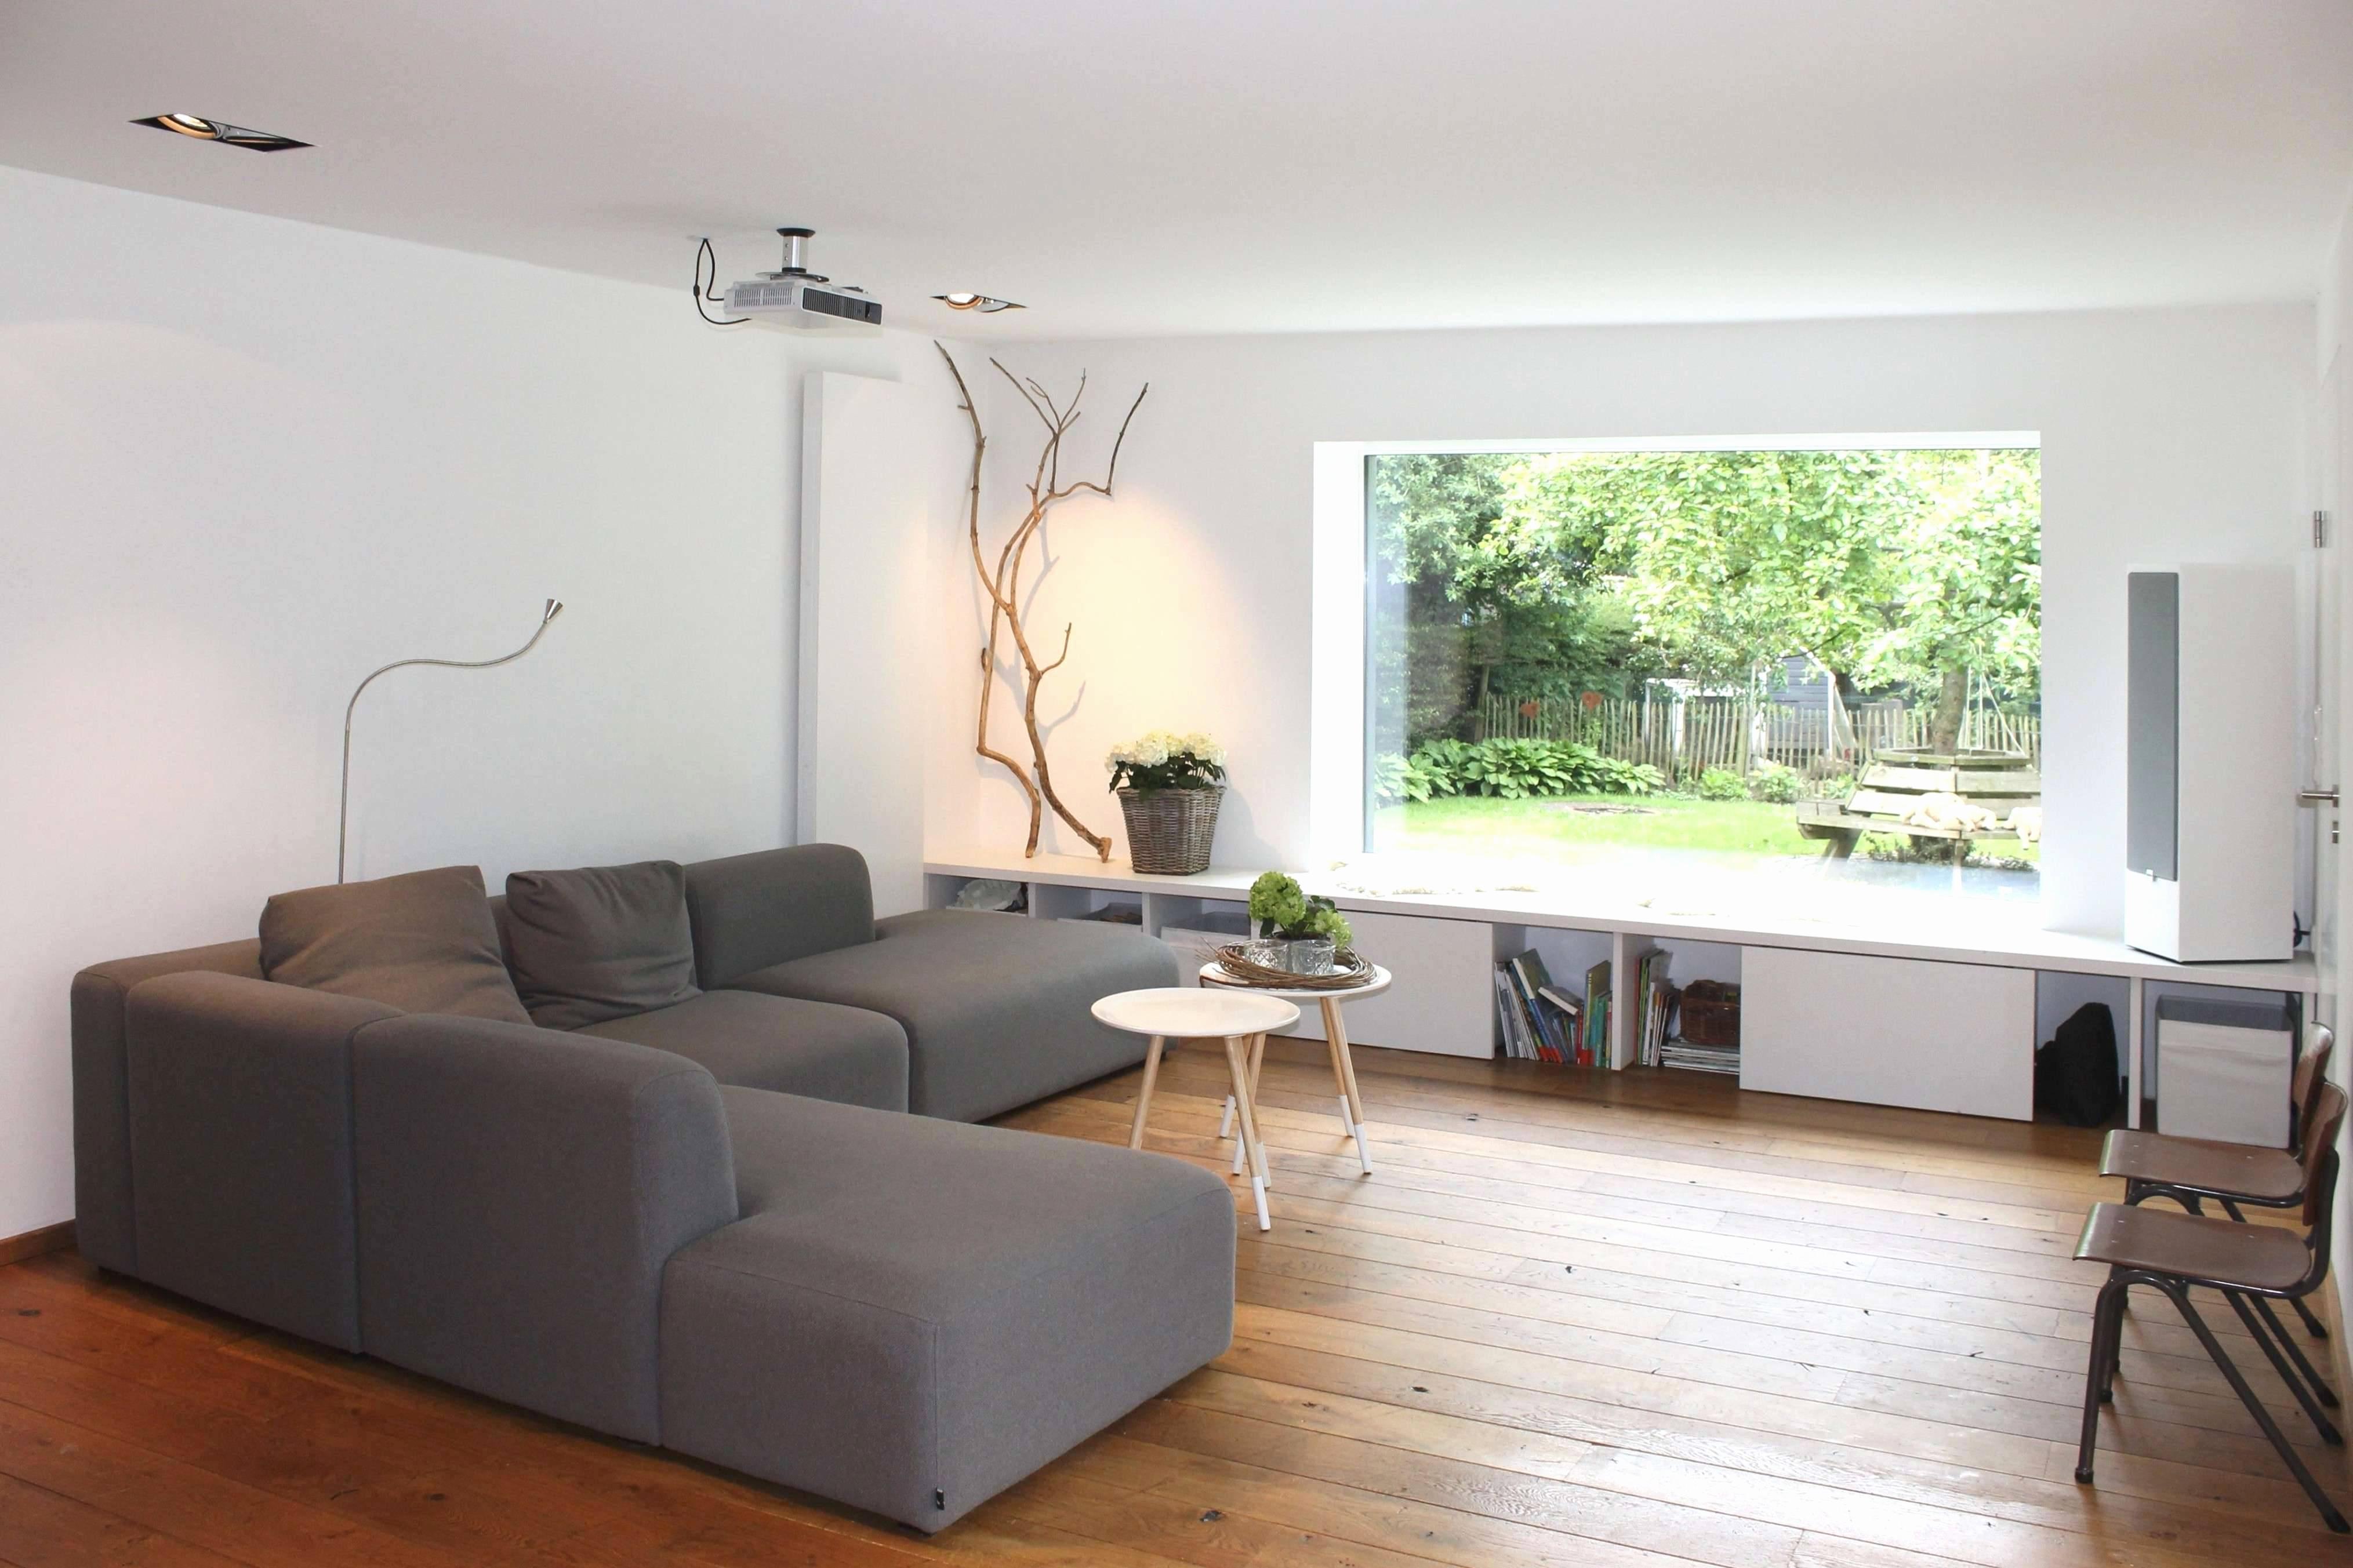 Fotos Von Tapeten Wohnzimmer Ideen 2016